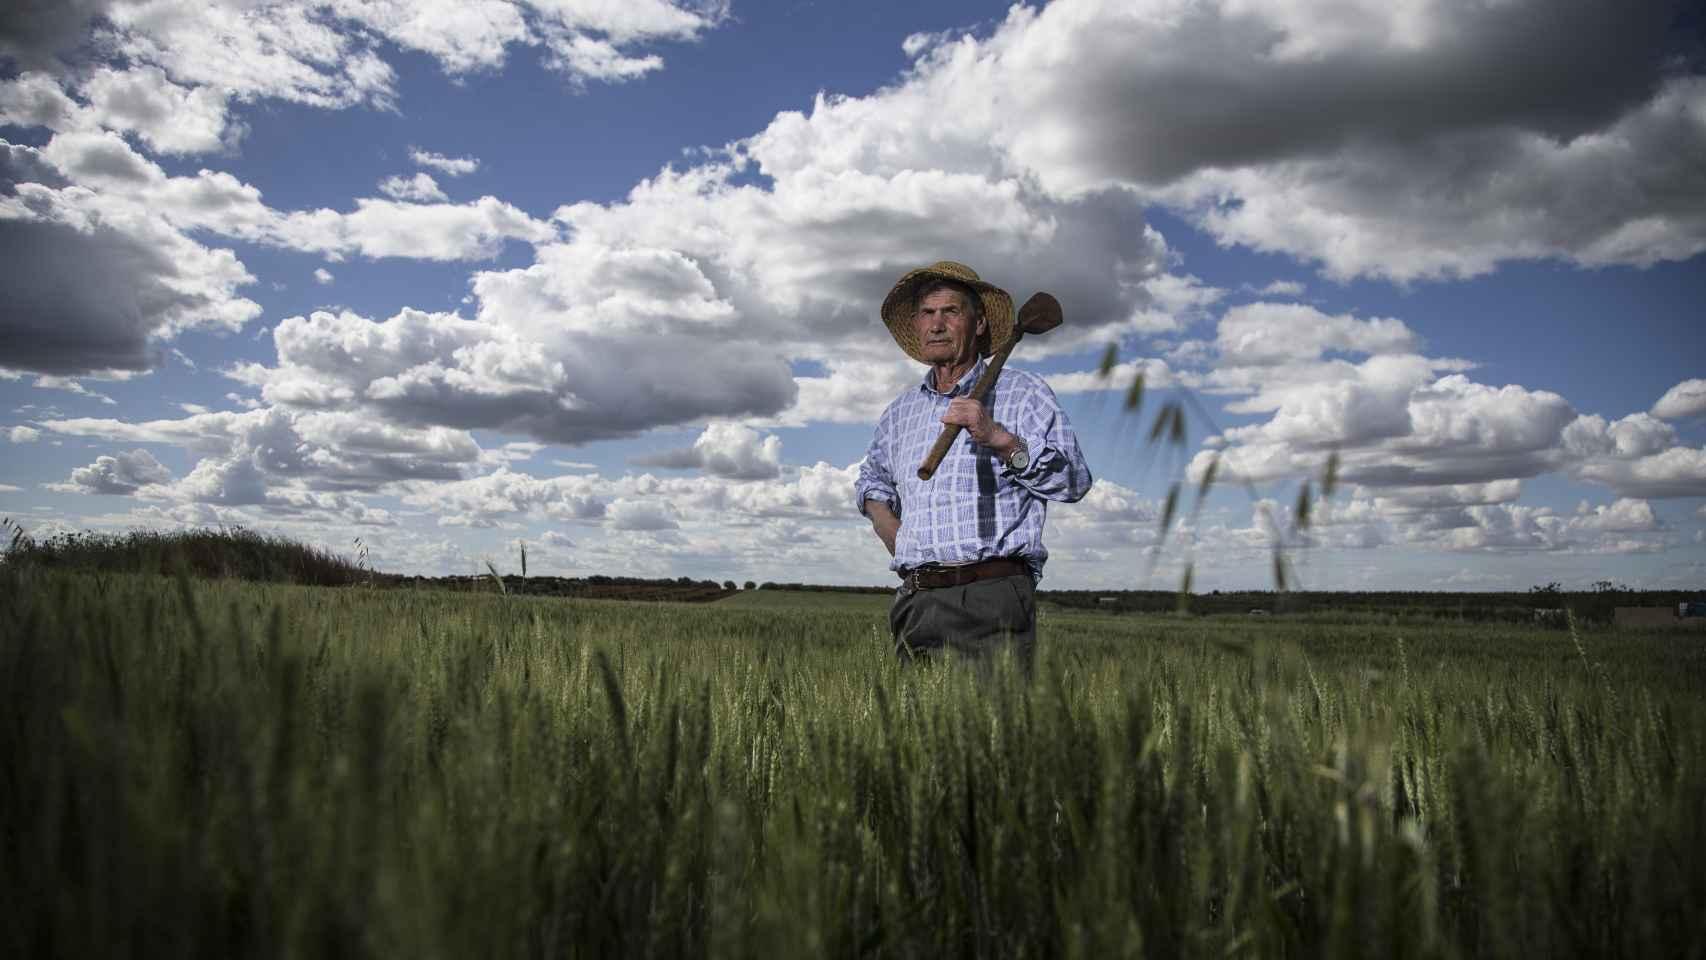 Robustiano García, labrador extremeño de 77 años, es fiel devoto de San Isidro. Foto Fernando Ruso